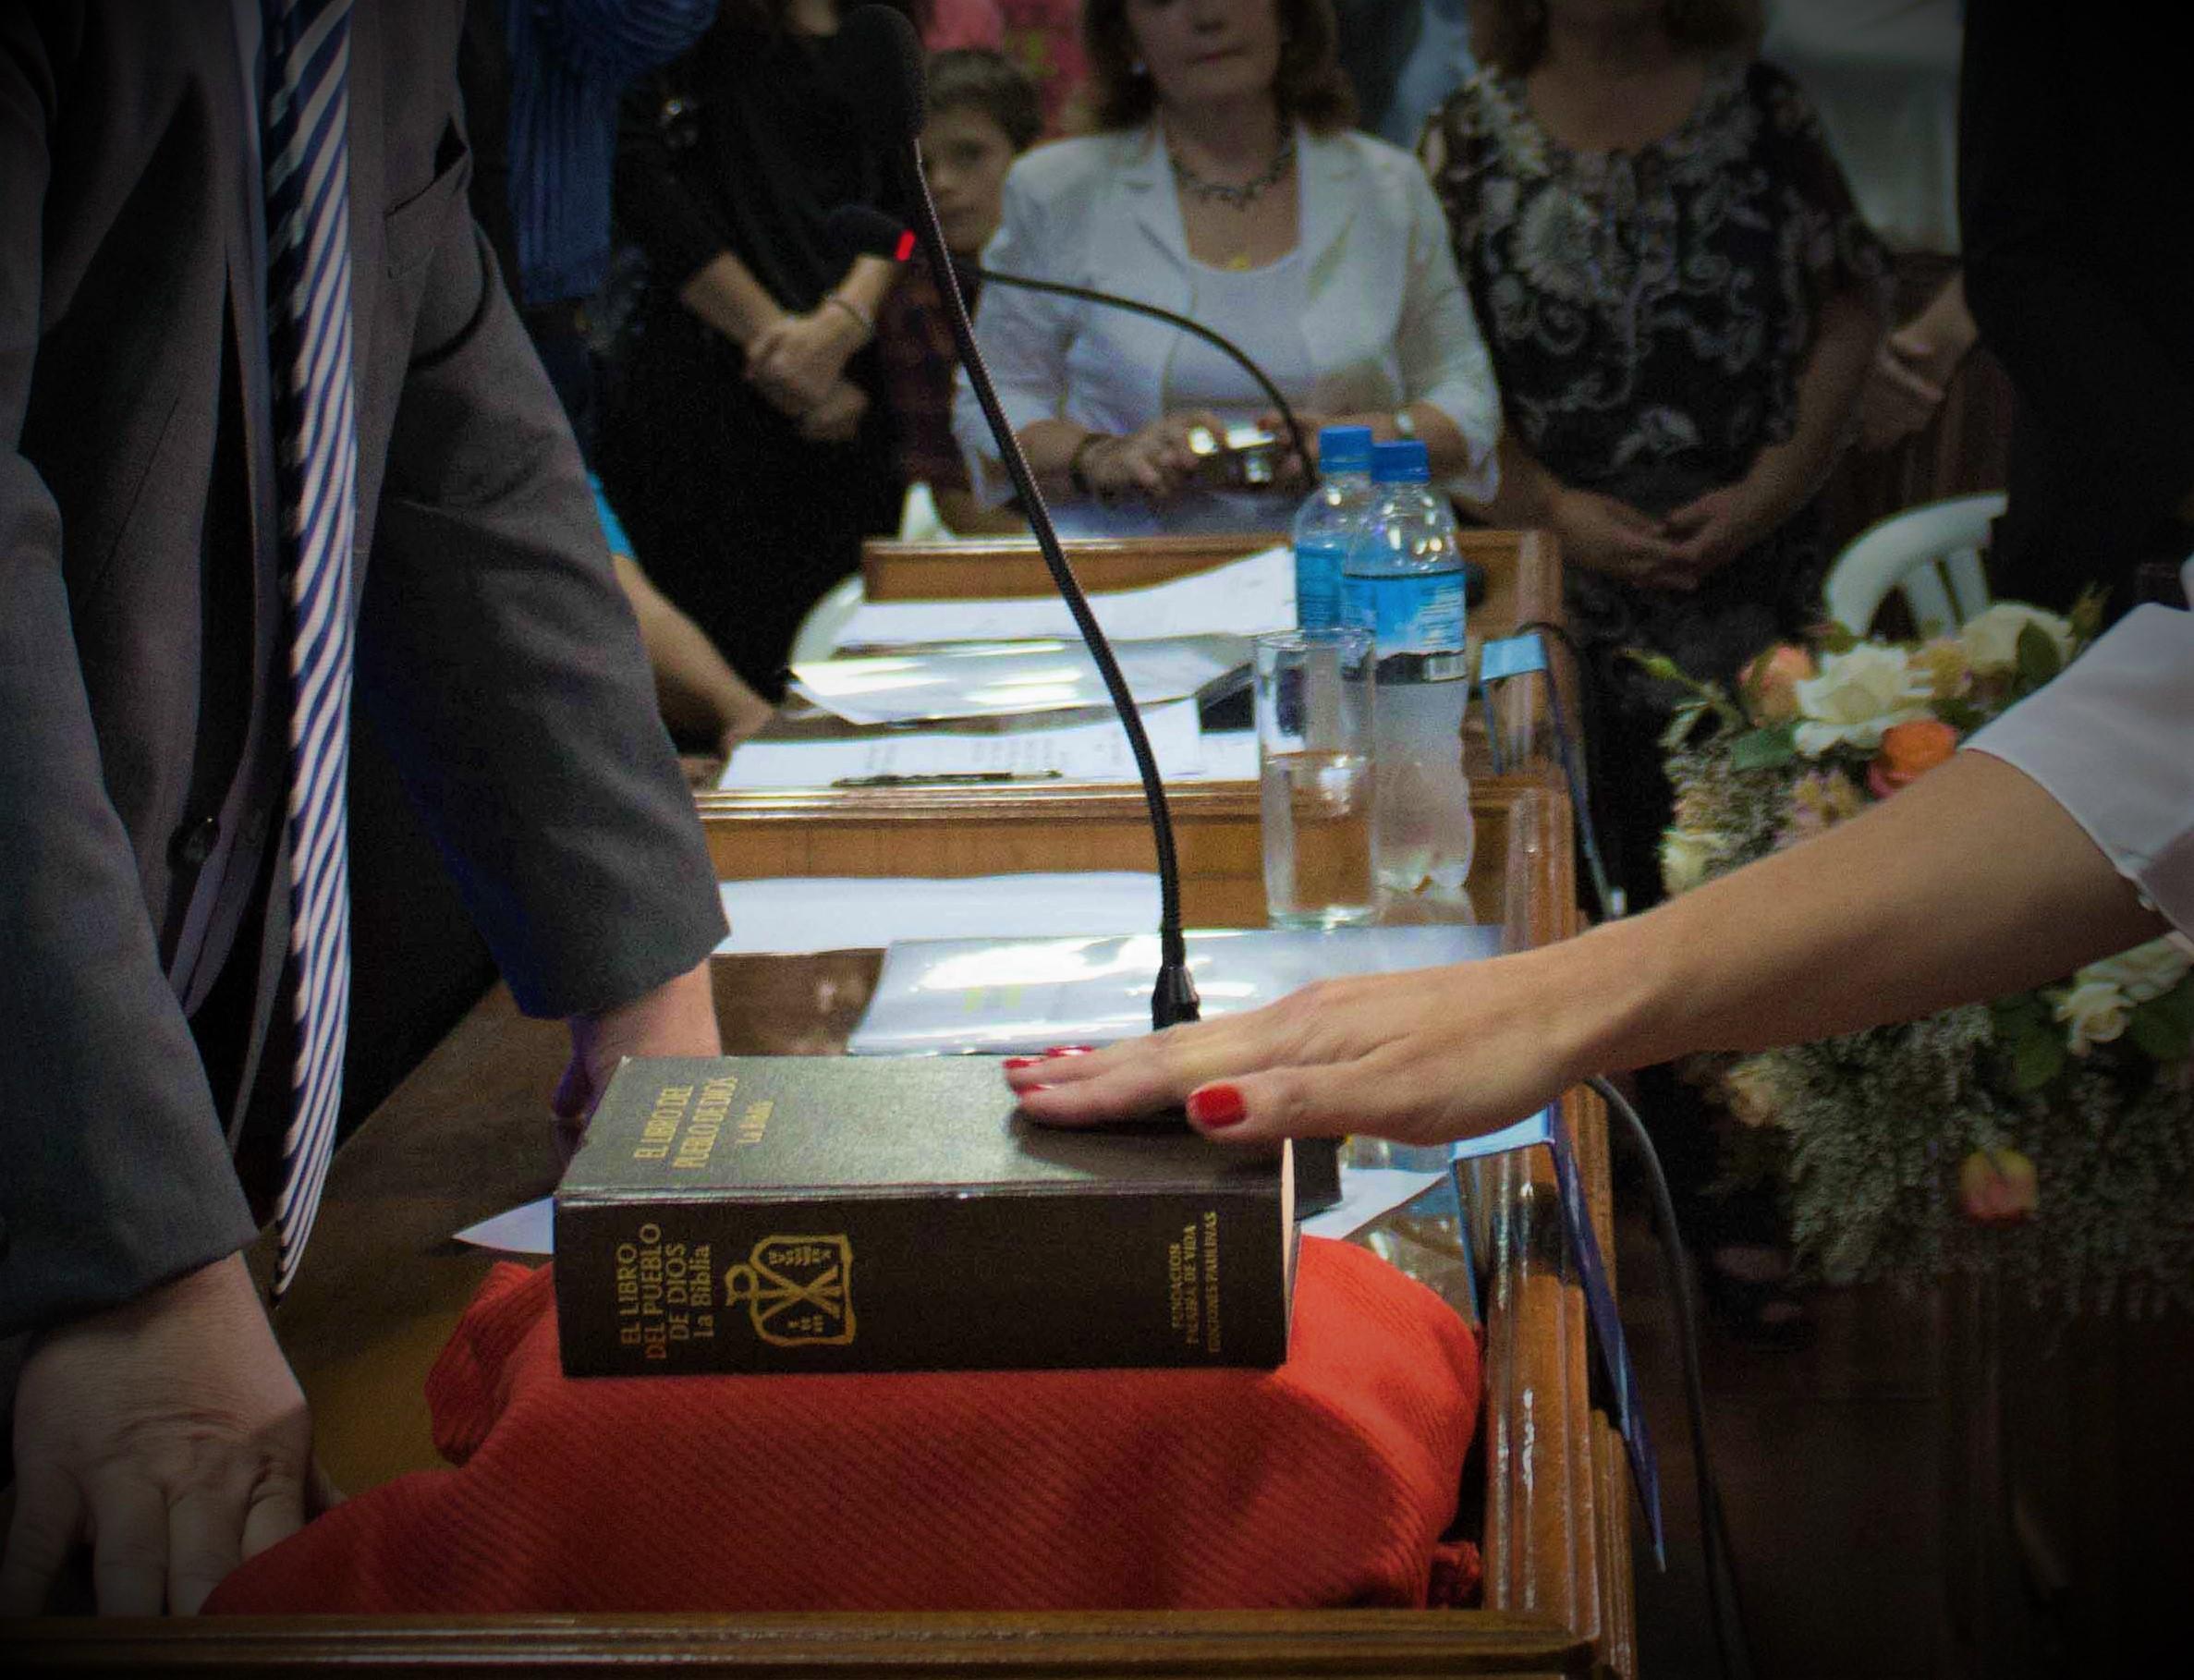 LEGISLATIVAS: QUEDÓ CONFIRMADA LA FORMACIÓN DEL HCD A PARTIR DEL 2018